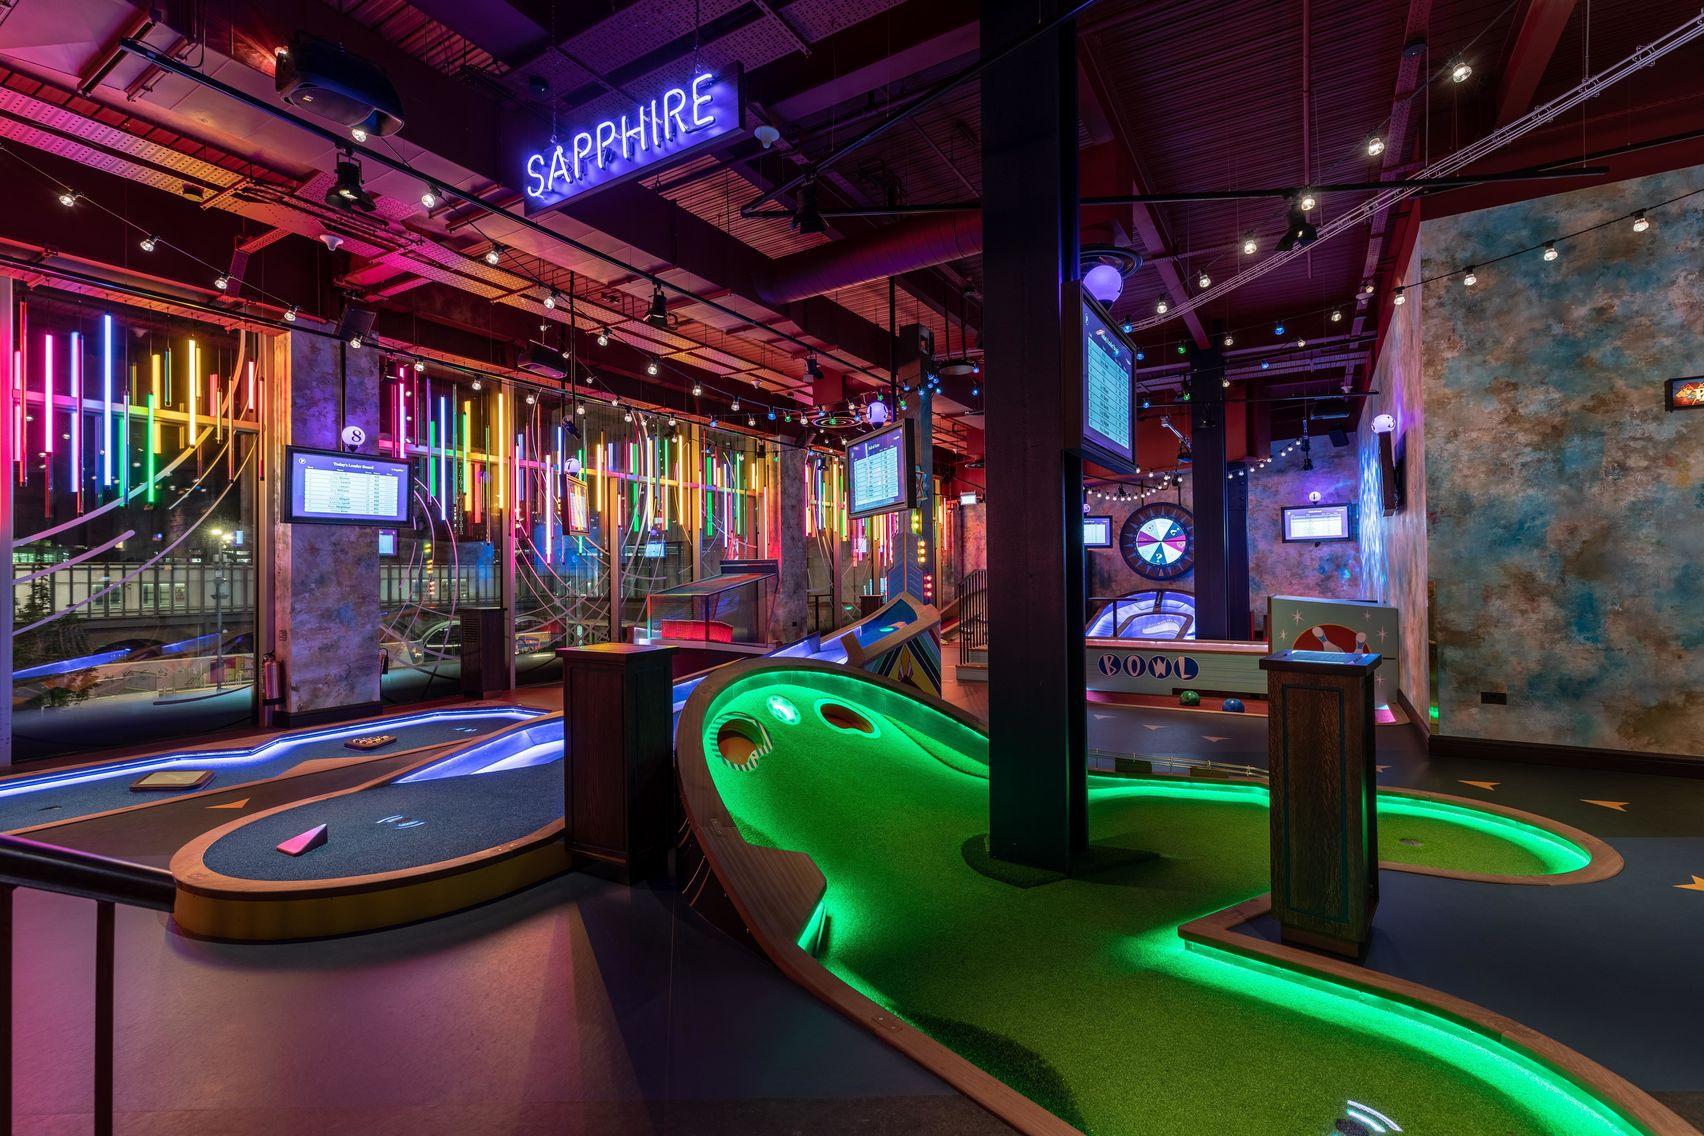 interactive mini-golf course